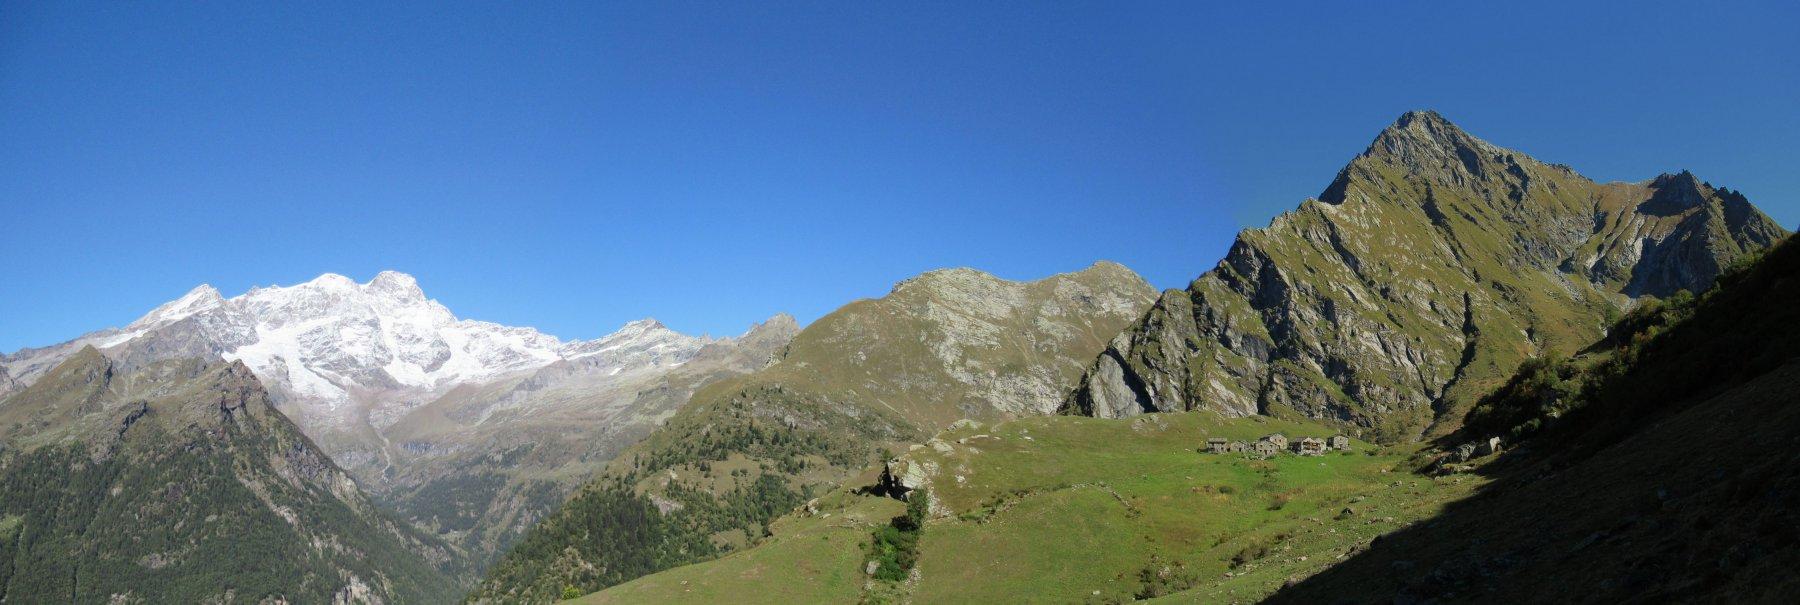 Monte Rosa, Corno Mud e Tagliaferro